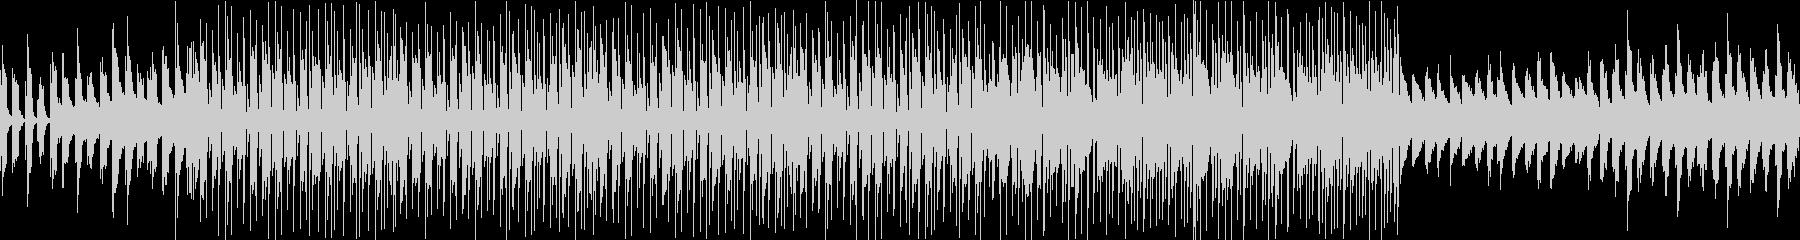 16Beat shuffle BGMの未再生の波形